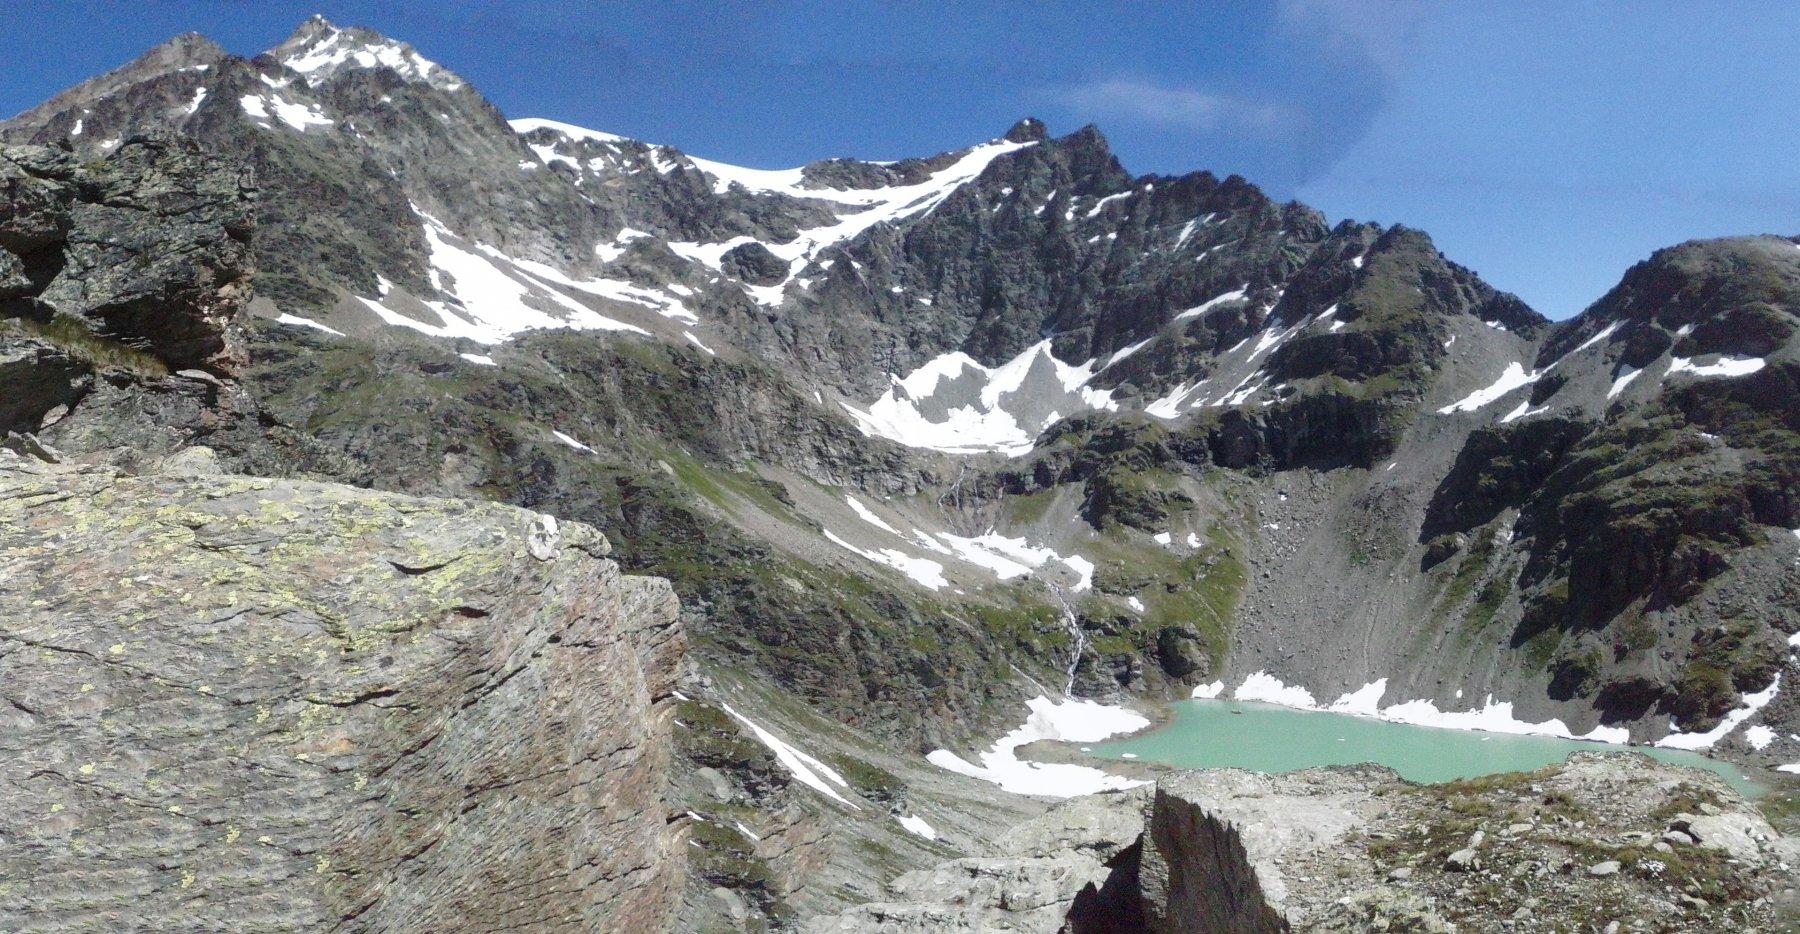 vista del lago salendo  verso il ricovero Adami...